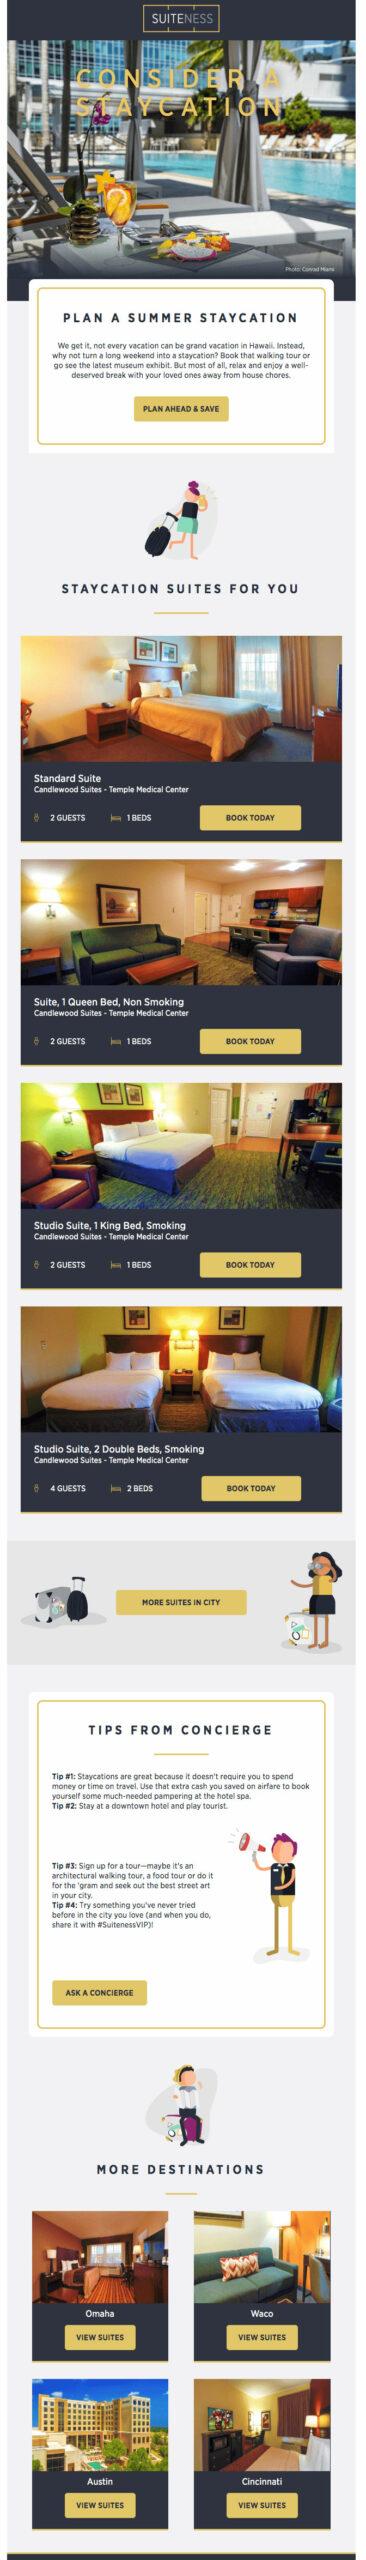 Рассылка от Suiteness с фотографиями летнего отеля и гостиничными комнатами